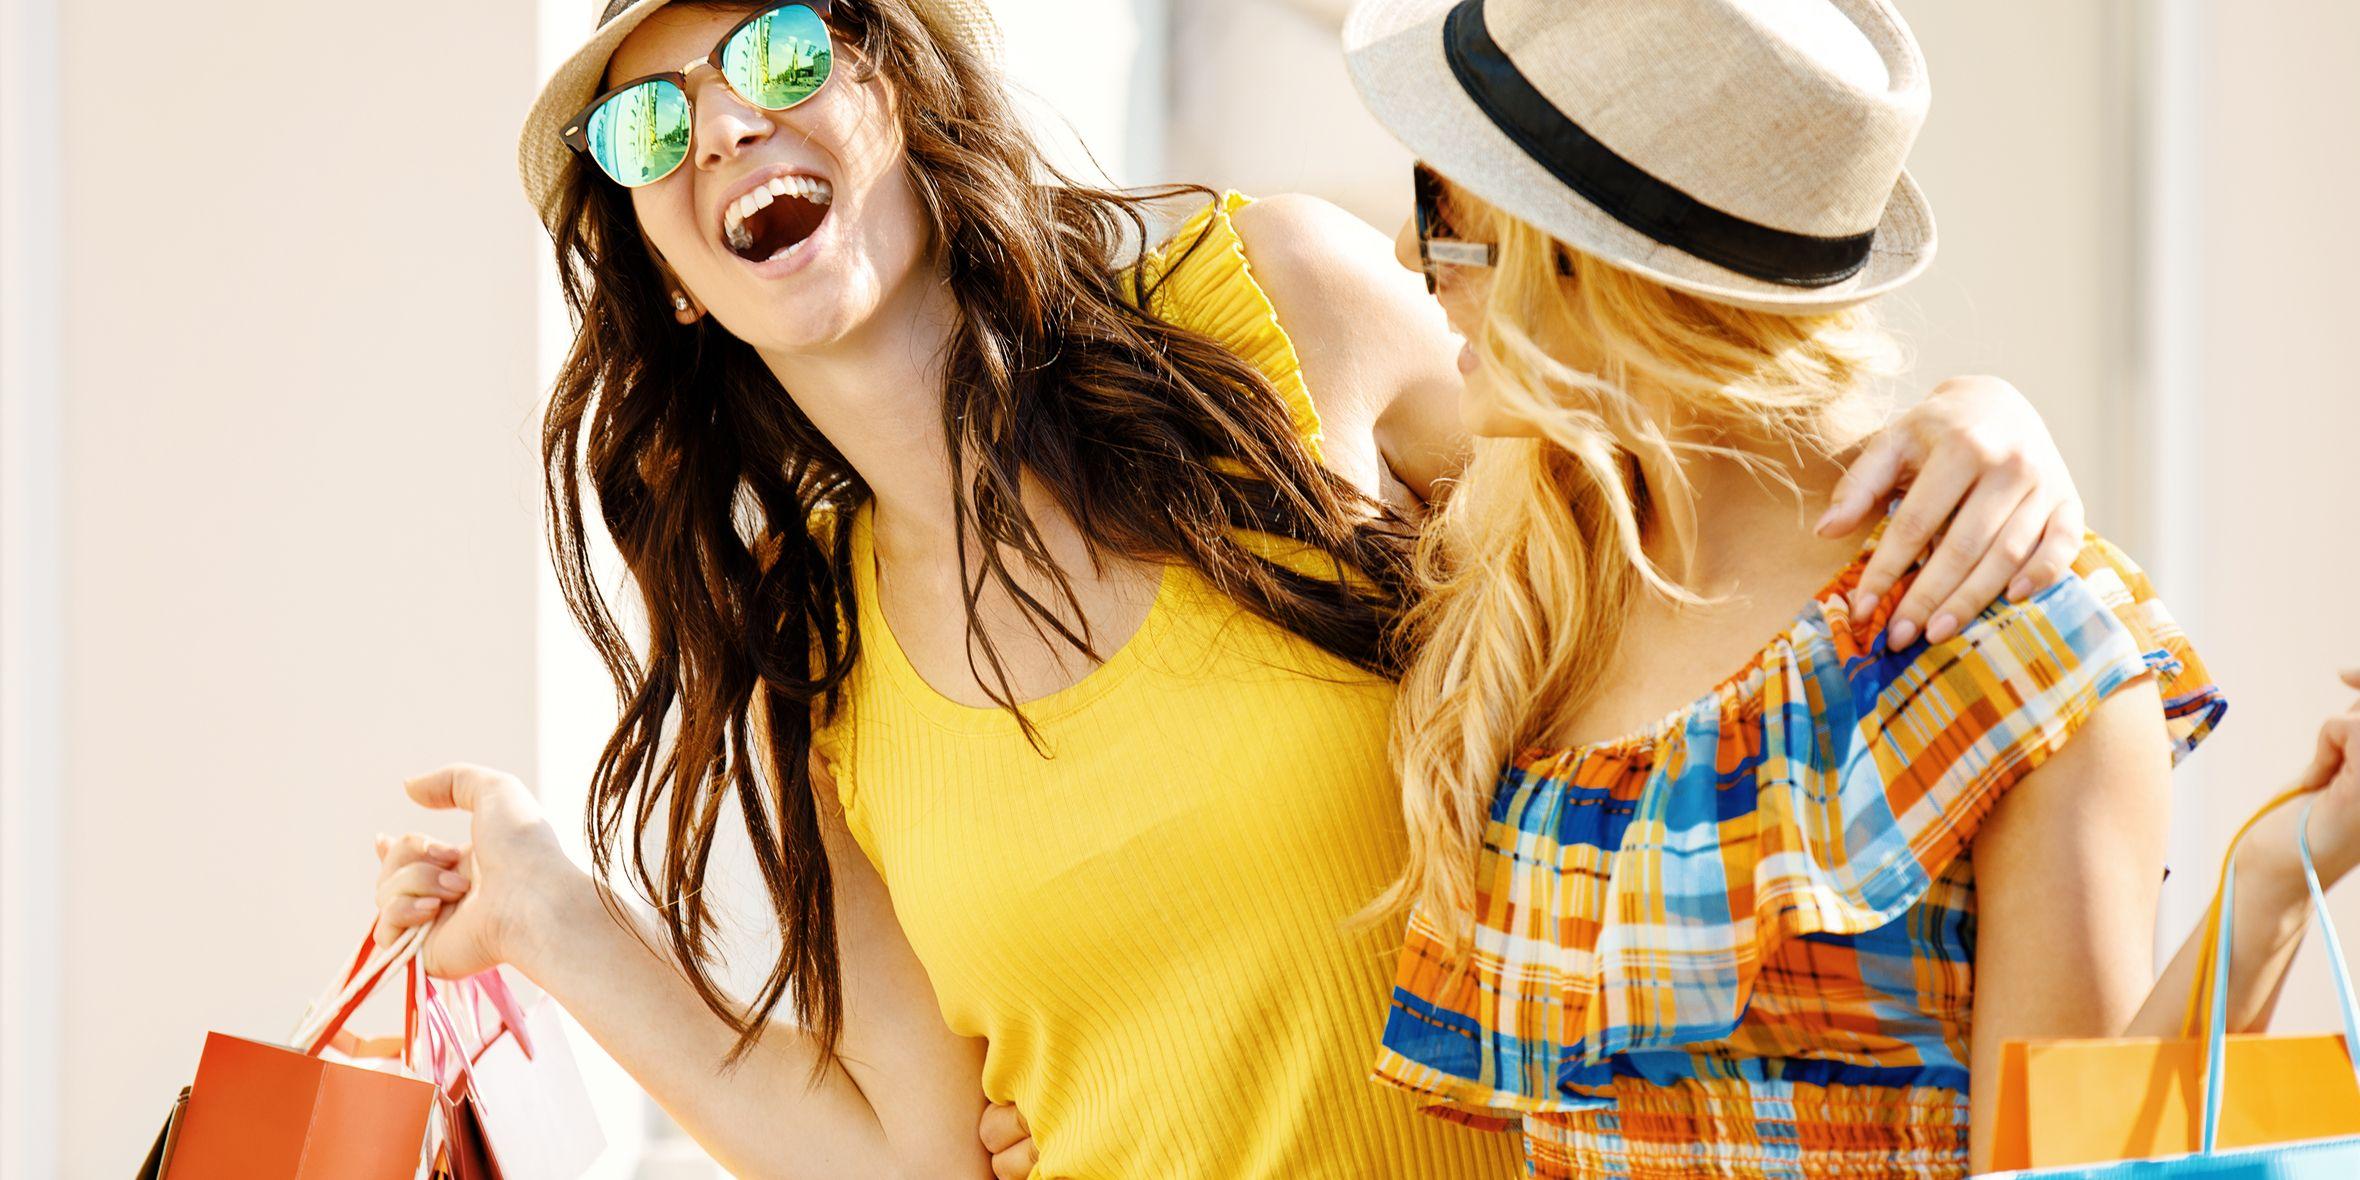 Milano è la città della moda, programma un giro con le amiche per fare shopping (in occasione dei saldi 2018) seguendo gli indirizzi più sfiziosi del momento, centro, navigli e distretto delle 5 vie.